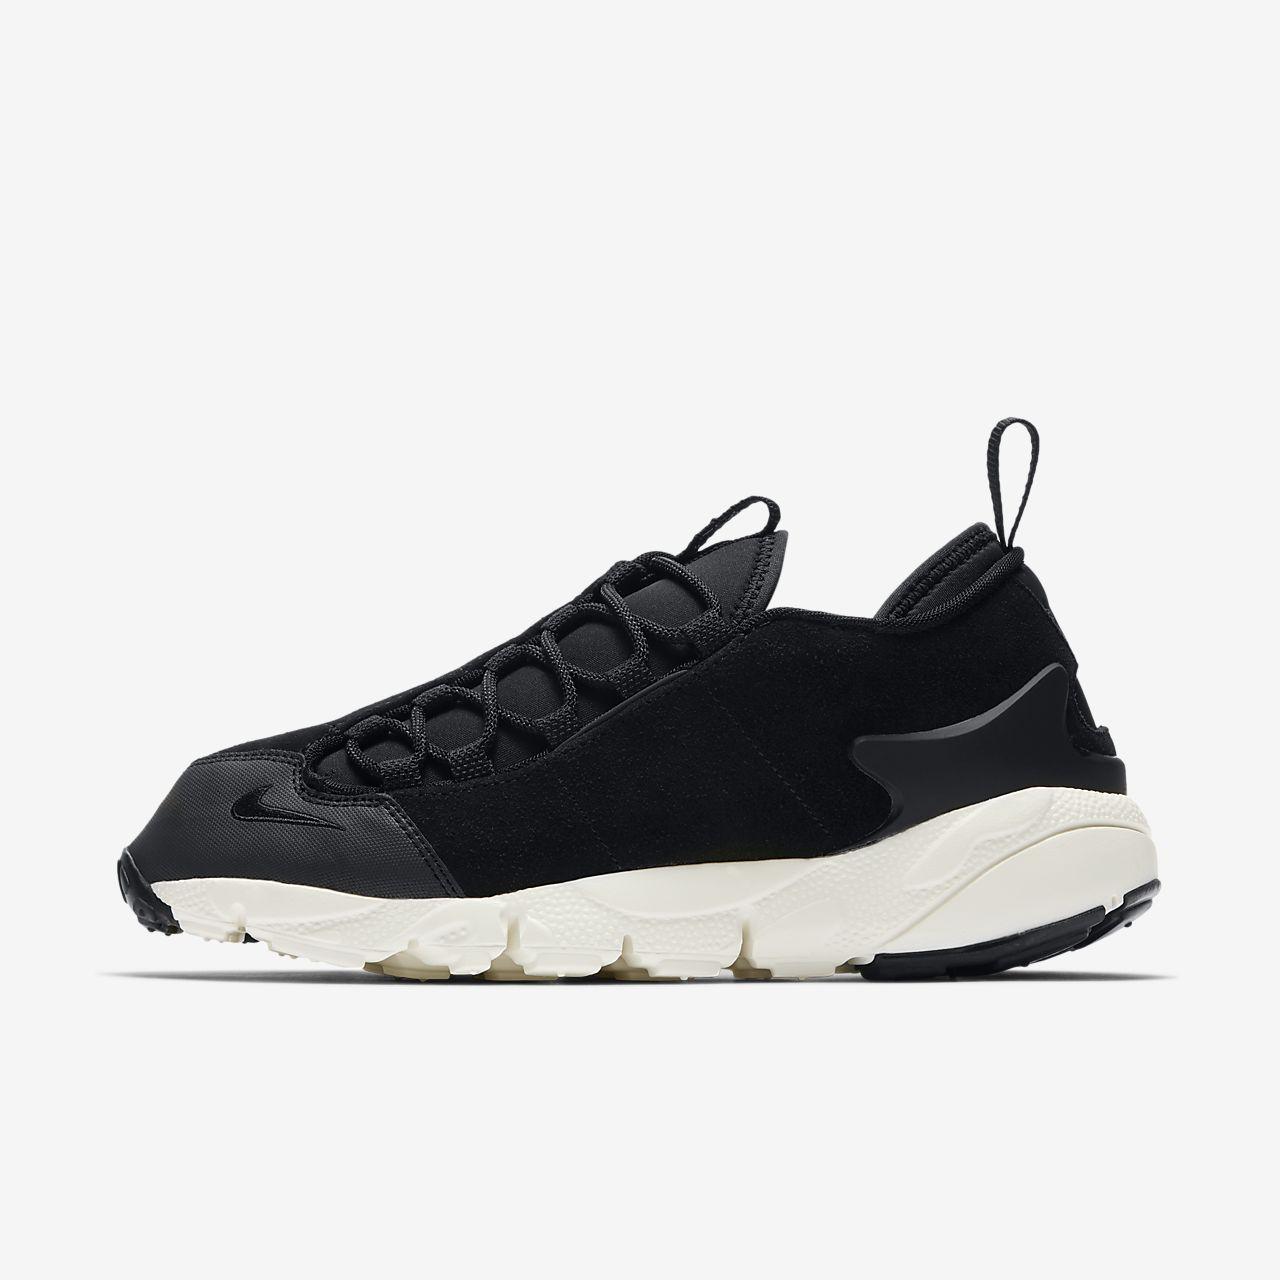 ... Nike Air Footscape NM Men's Shoe